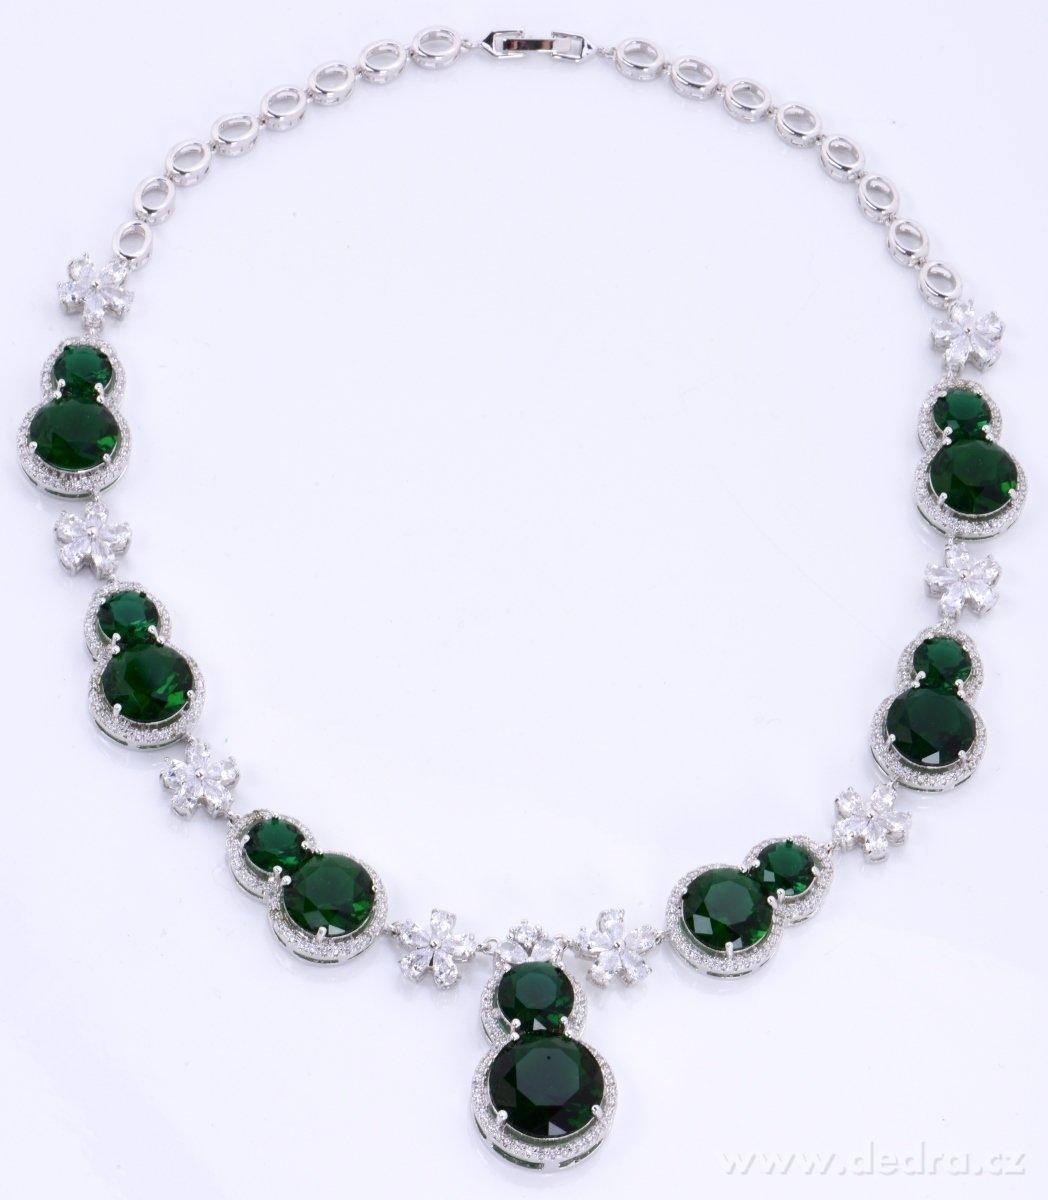 c75ad2cfb 3 DÍLNÝ LUXUSNÍ SET, v barvě smaragdu - Vaše DEDRA - oficiálne stránky